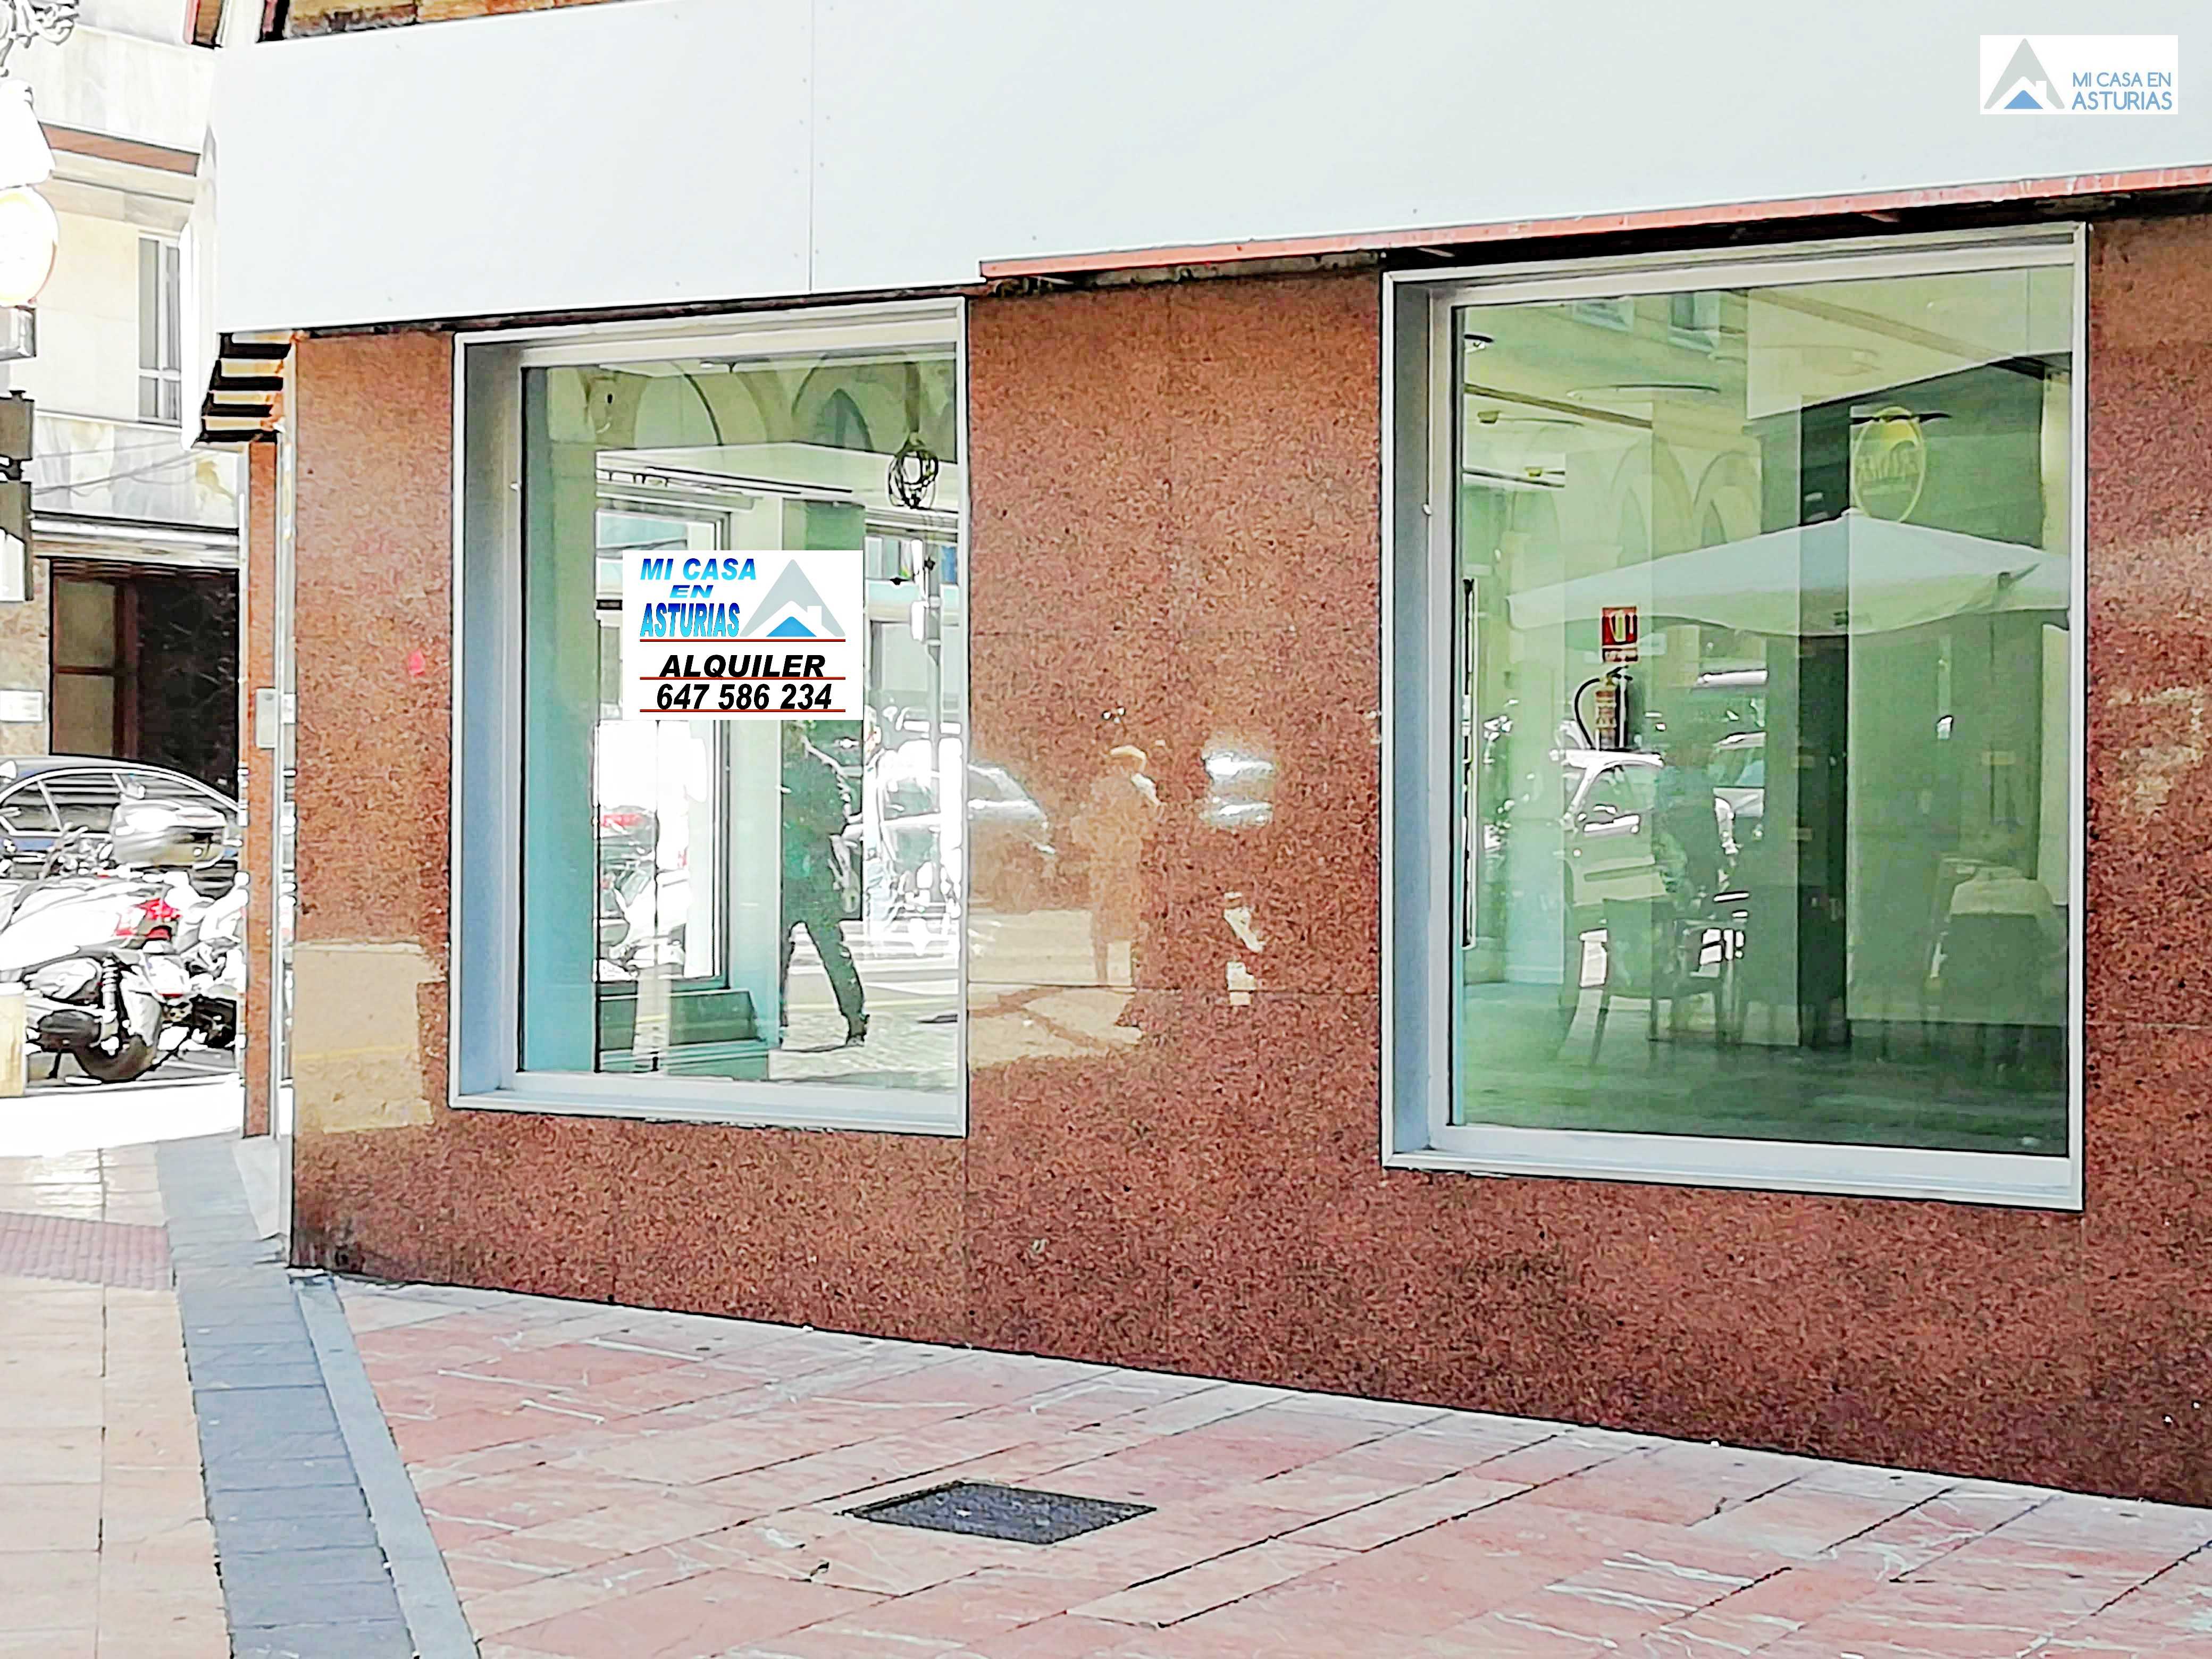 Impresionante local comercial en alquiler en el centro de Oviedo.